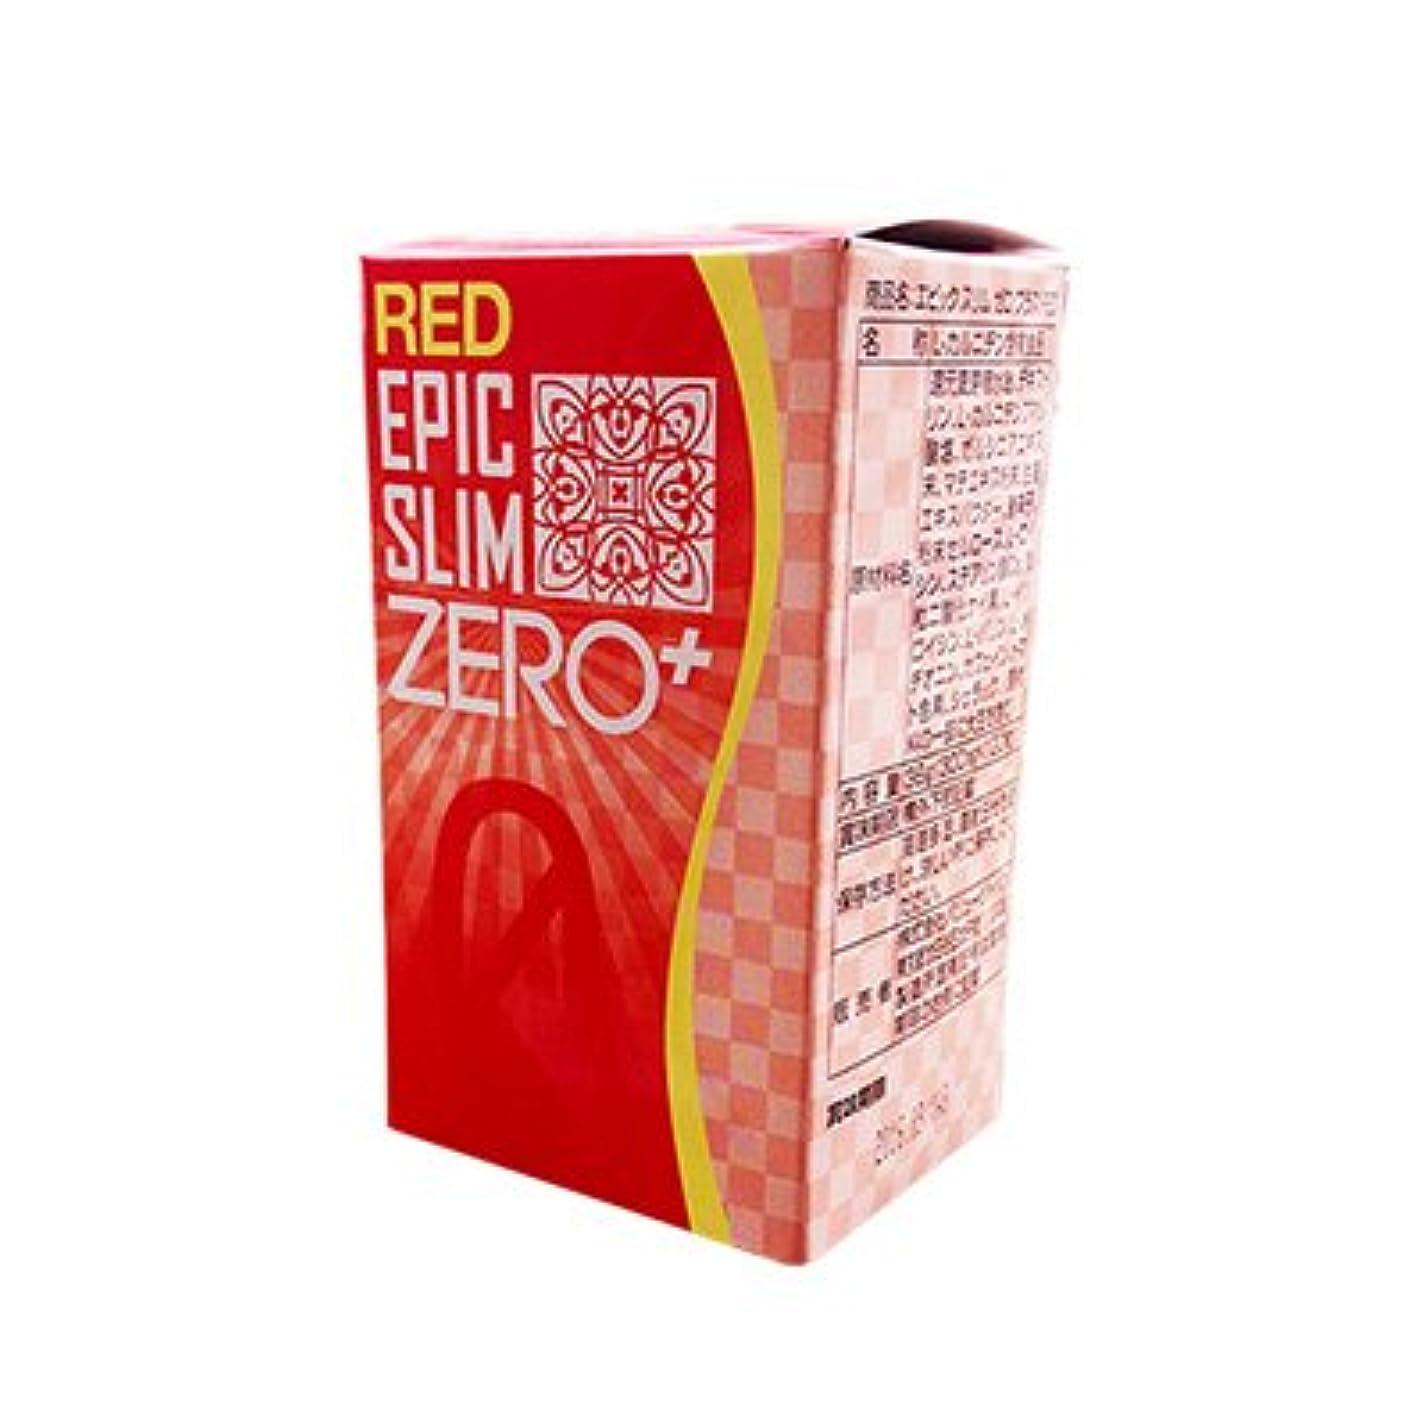 残高呼びかける発送レッド エピックスリム ゼロ レッド Epic Slim ZERO RED